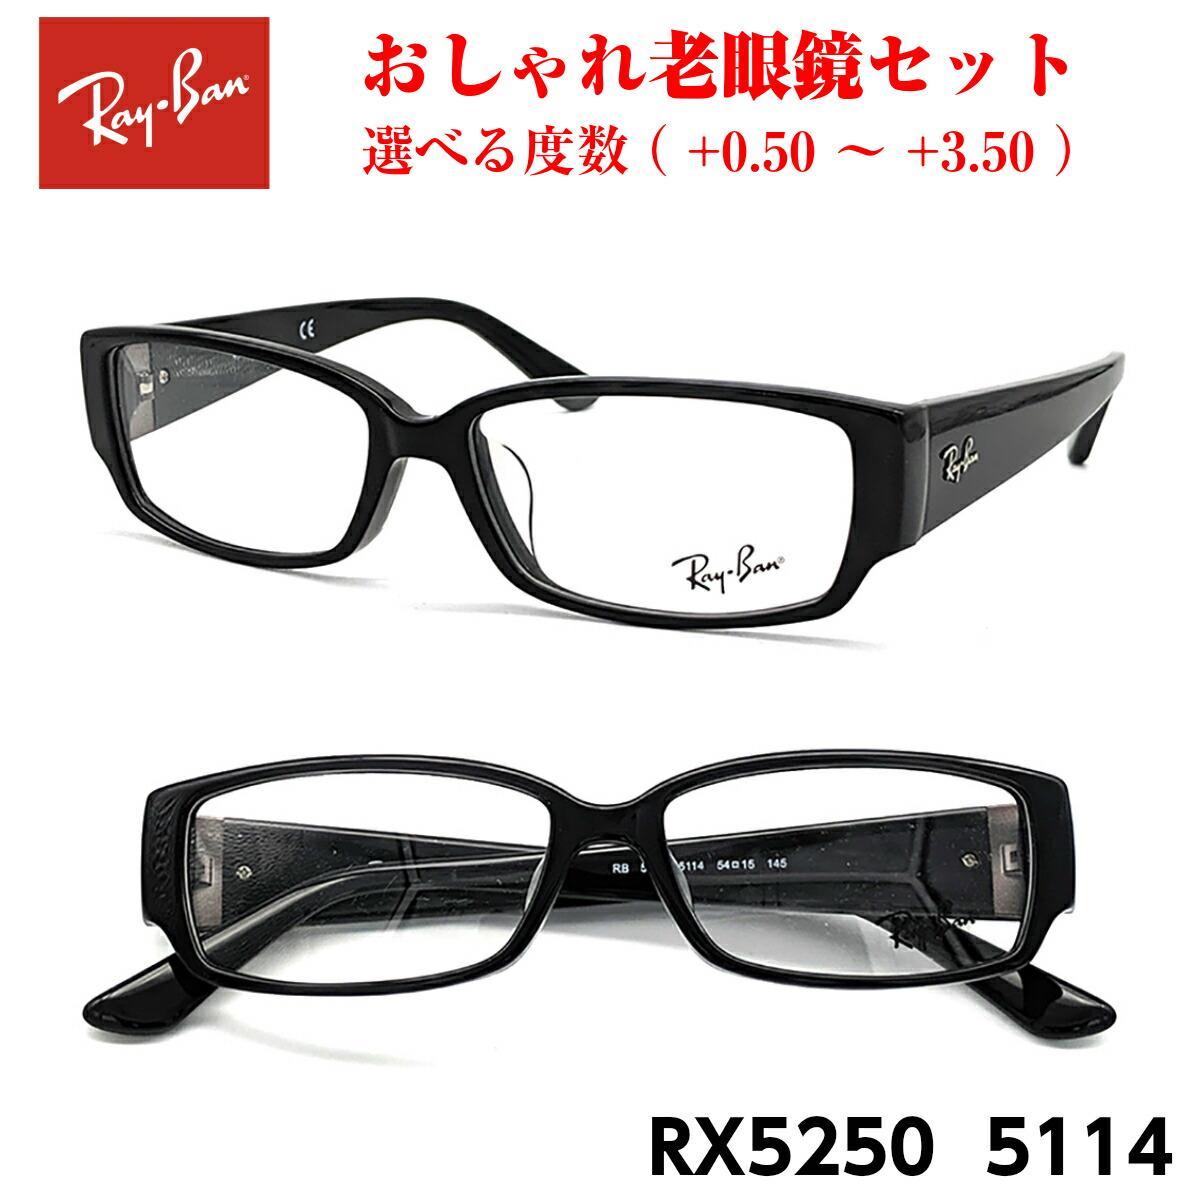 母の日 父の日 おしゃれ 老眼鏡 メンズ レディース 男性用 女性用 RayBan レイバン RX5250 (RB5250) 5114 アジアンフィット 黒縁 黒 めがね 眼鏡 度付き 紫外線 UVカット ブルーライトカット メガネ プレゼント ギフト